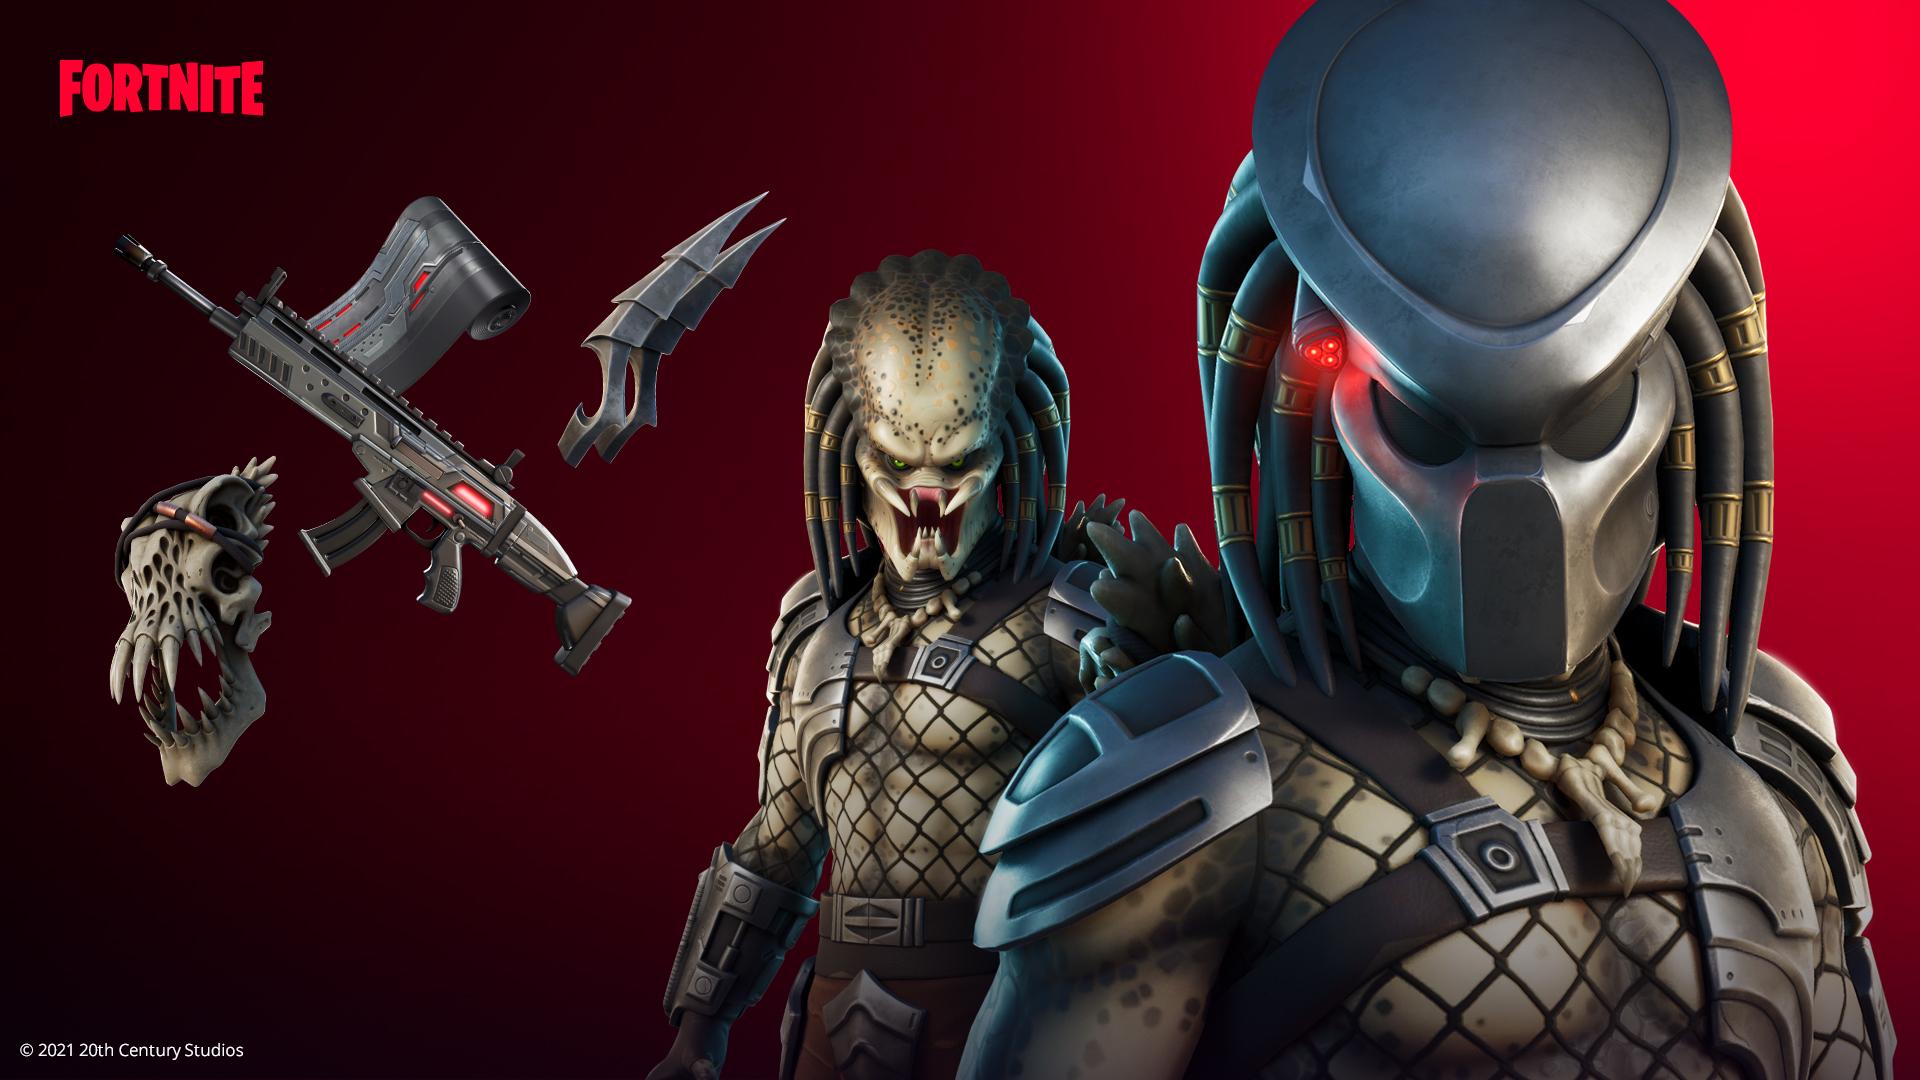 La especie más temida, el Depredador, llega a Fortnite   Noticias, Fortnite, Gaming, iOS, Juegos, Nintendo, PC, PS4, PS5, Switch, Videojuegos, Xbox, Xbox One   Nomicom